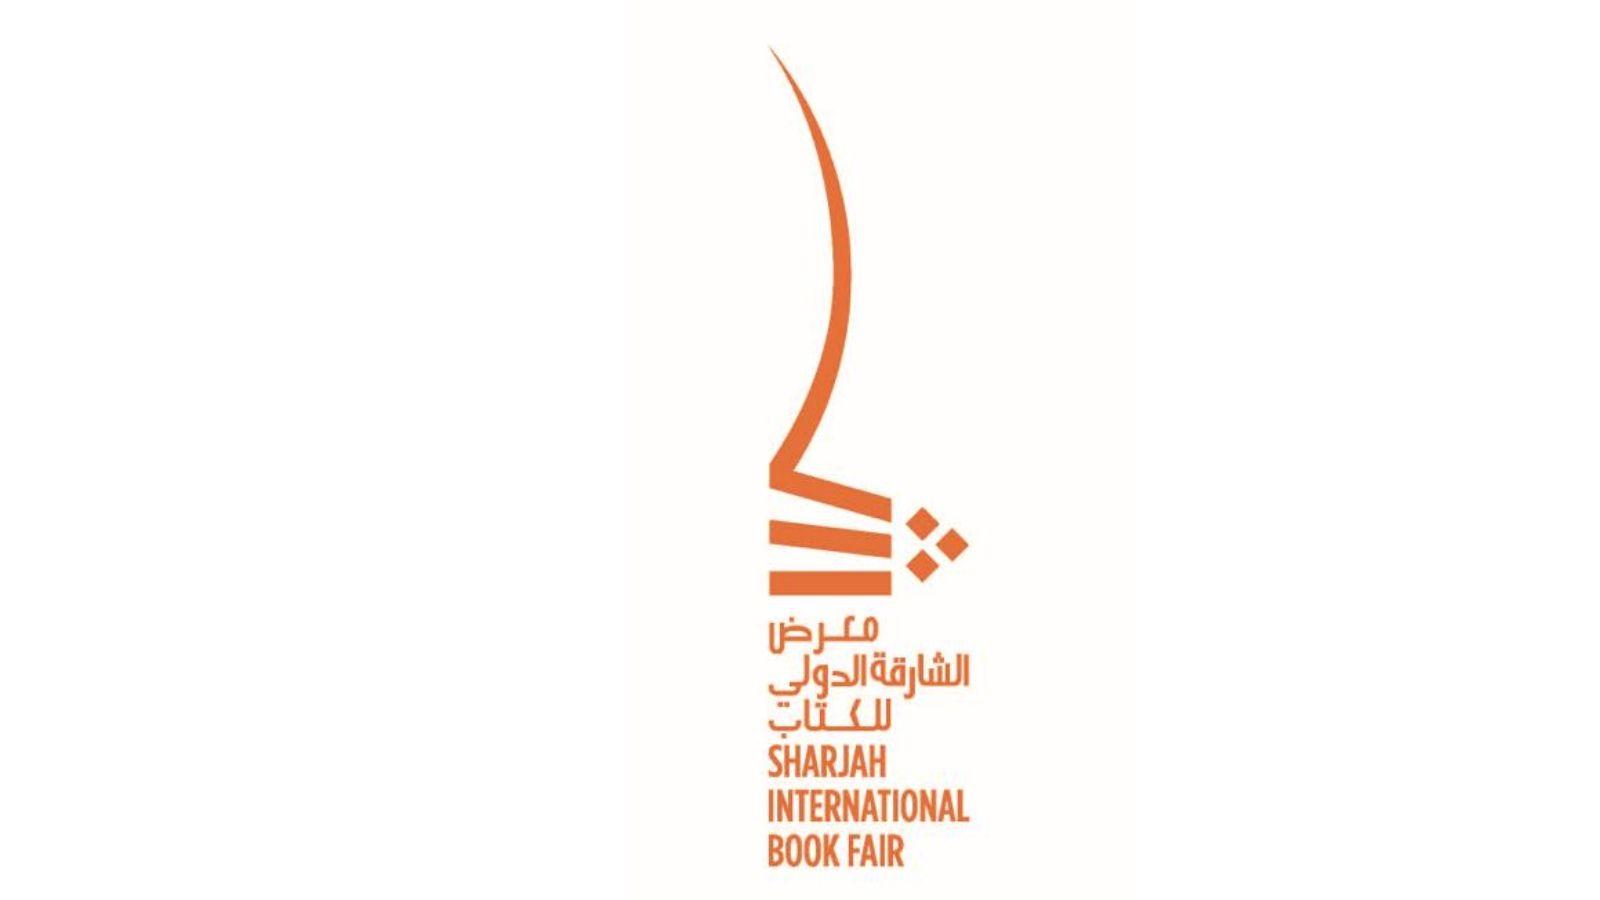 الشاعر فيصل العدواني ضيف معرض الشارقة الدولي للكتاب International Books Sharjah Book Fair